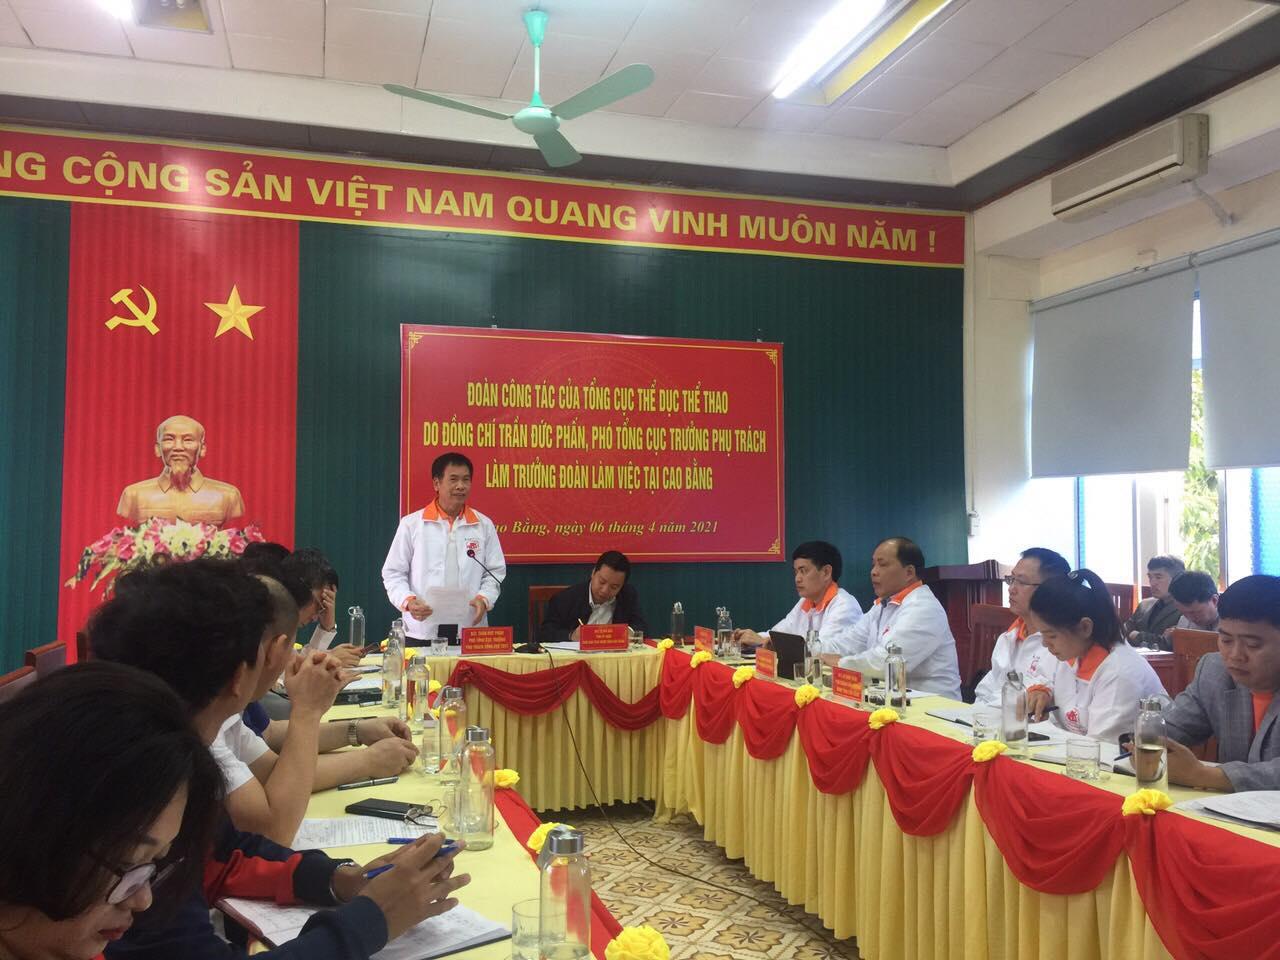 Phó Tổng cục trưởng phụ trách Trần Đức Phấn làm việc tại Cao Bằng